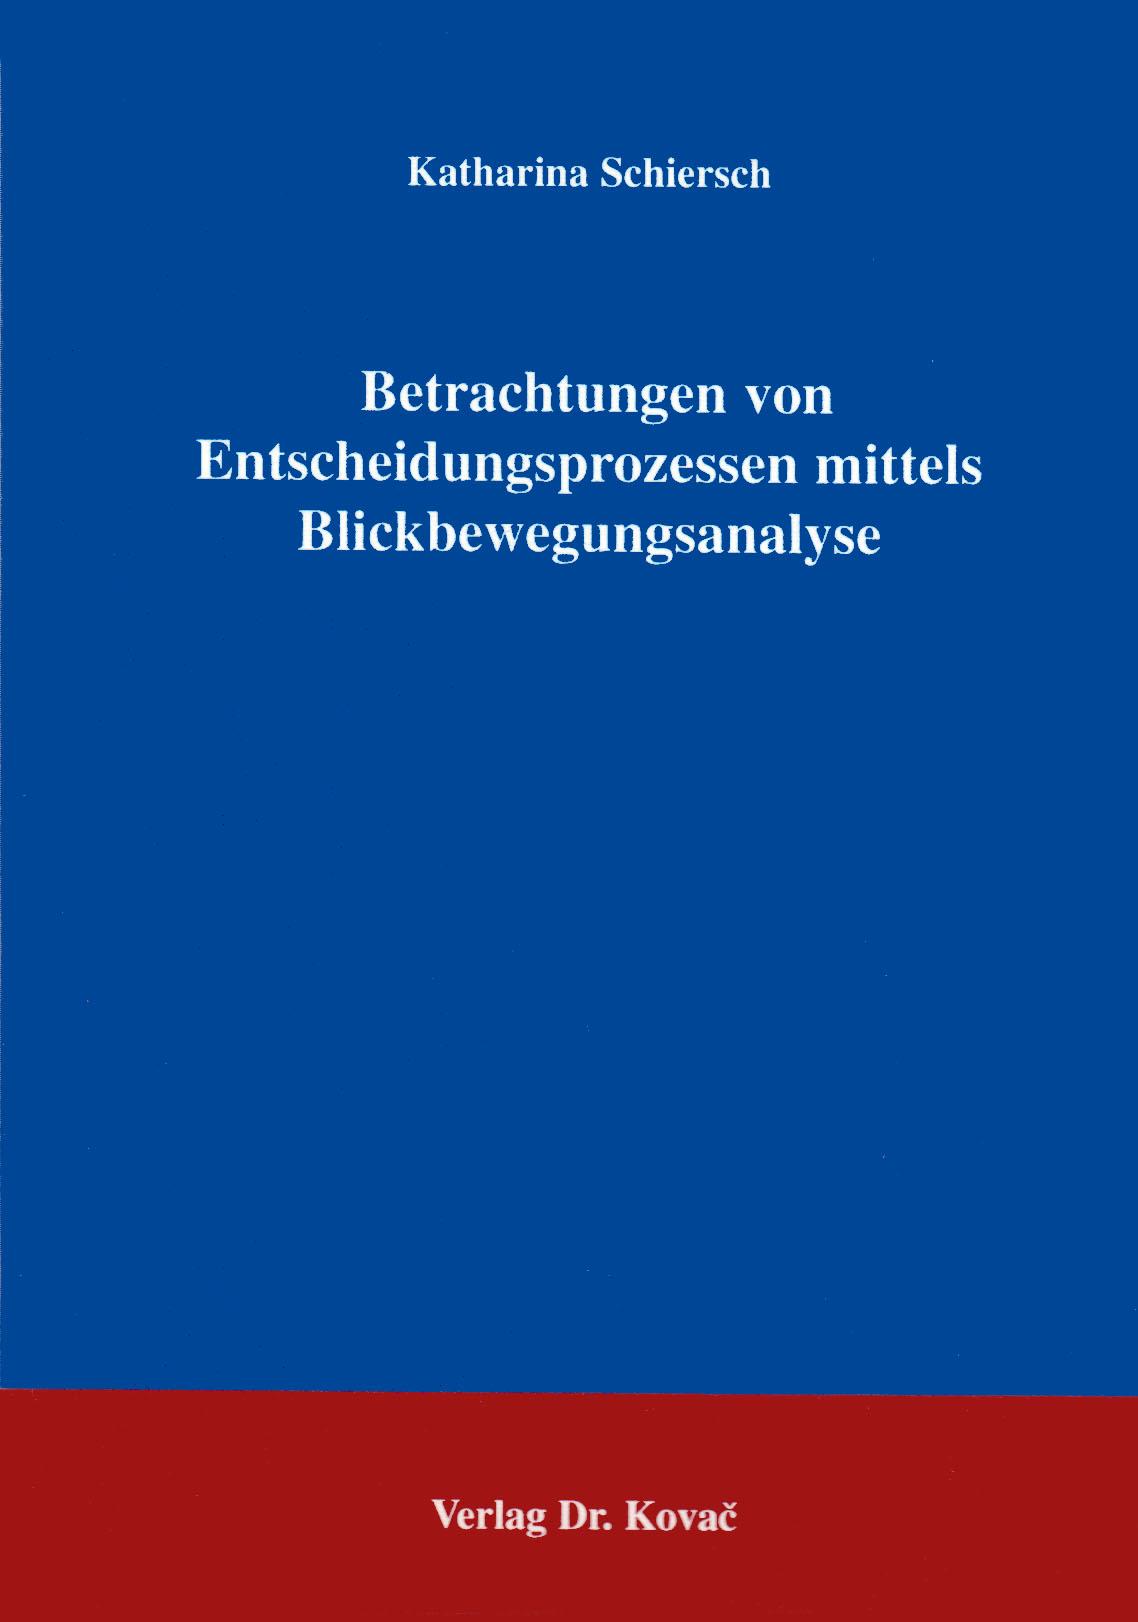 Cover: Betrachtungen von Entscheidungsprozessen mittels Blickbewegungsanalyse